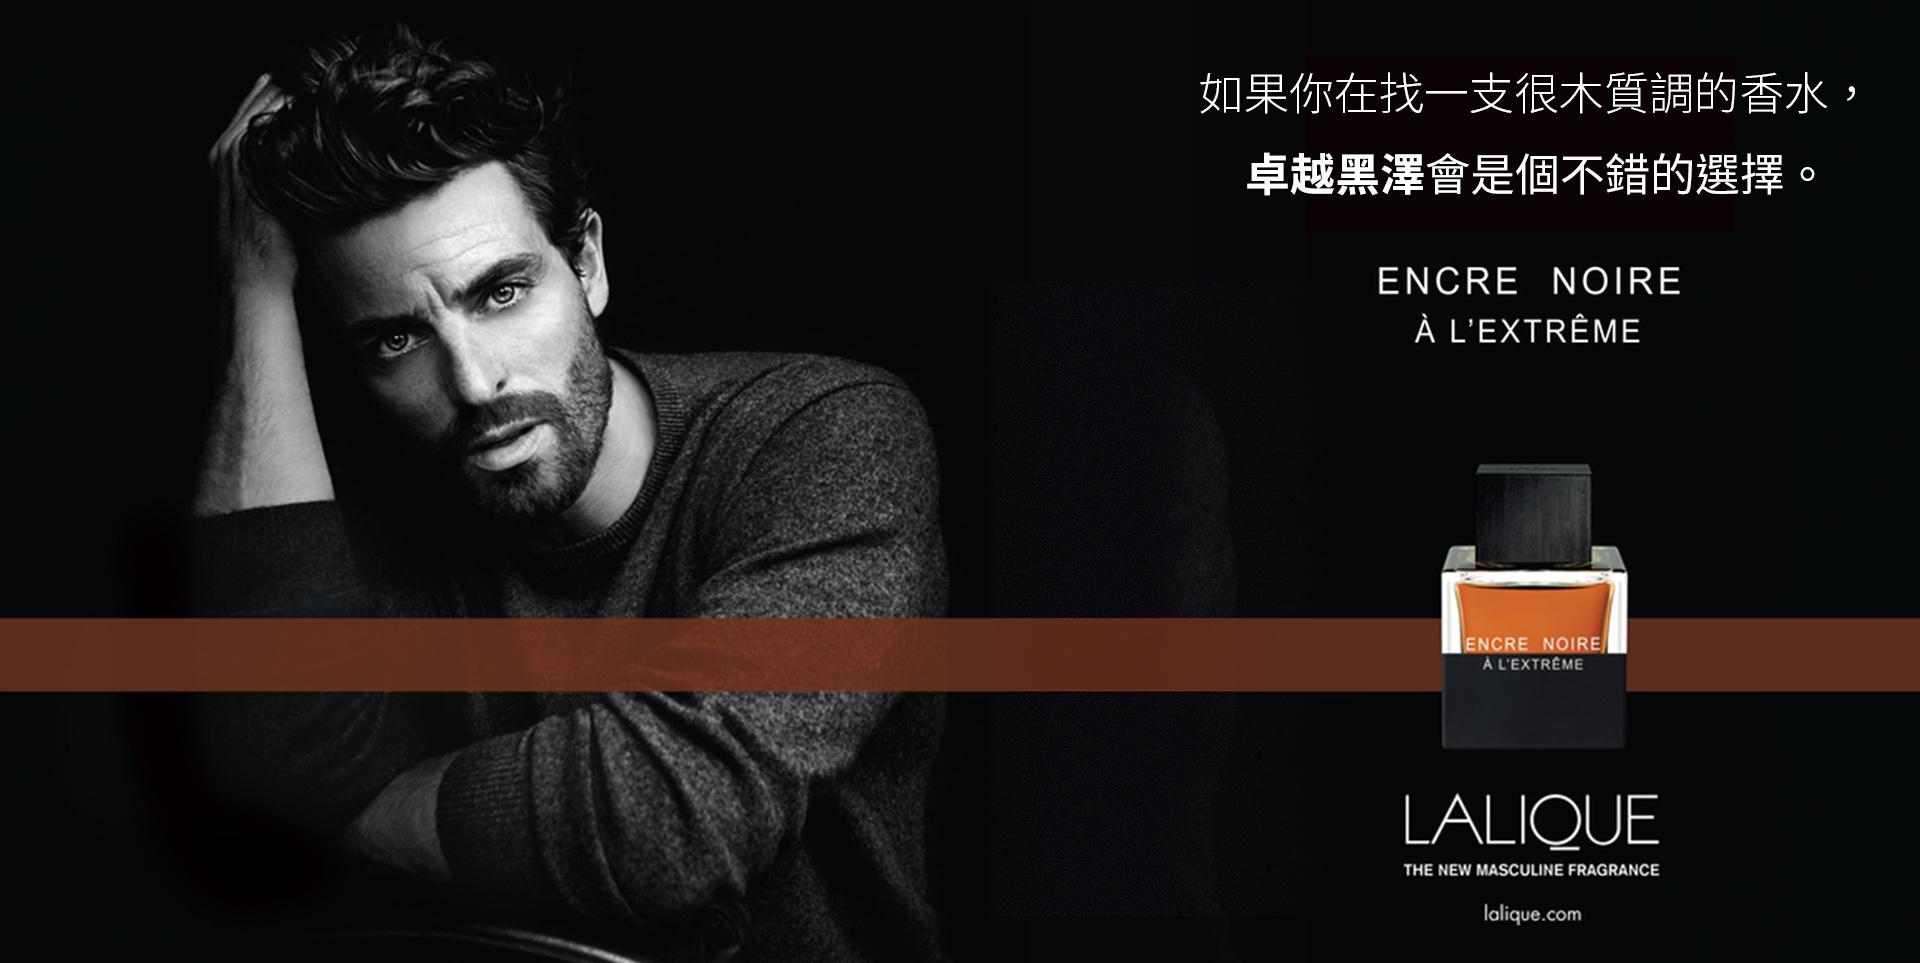 如果你想要徹底表現陽剛木質調的香水—— Lalique 卓越黑澤淡香精